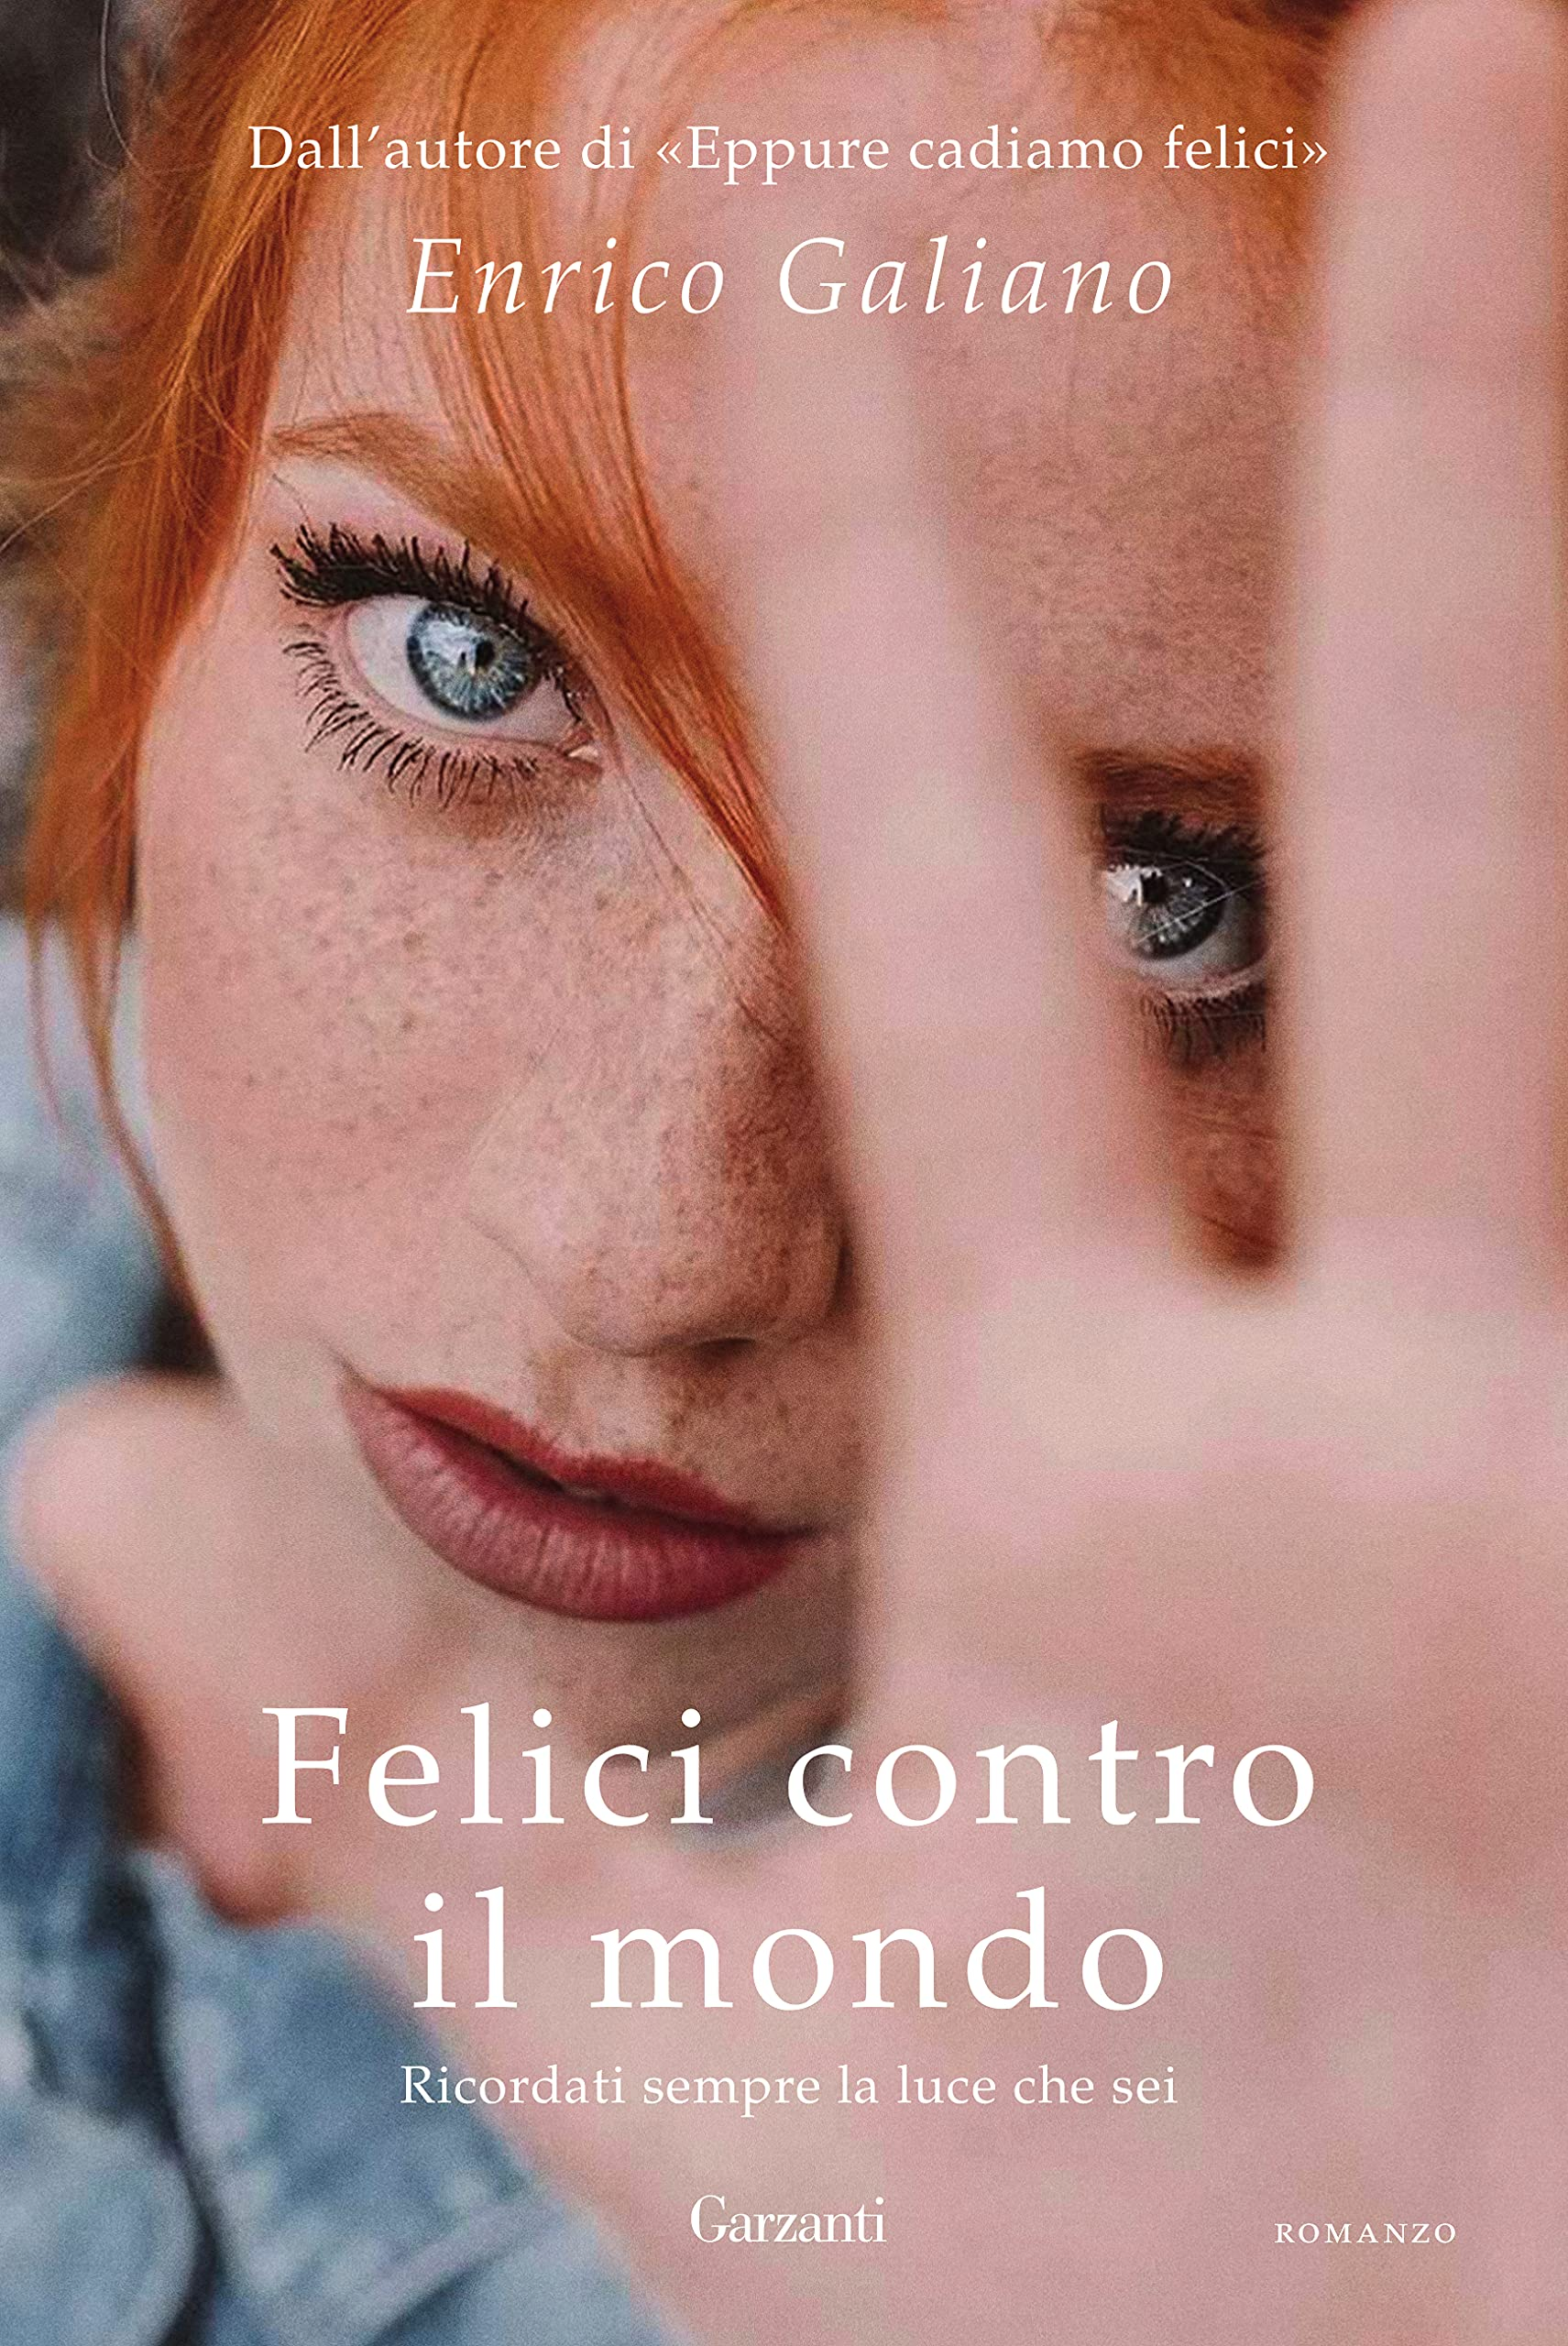 Amazon.it: Felici contro il mondo - Enrico Galiano - Libri